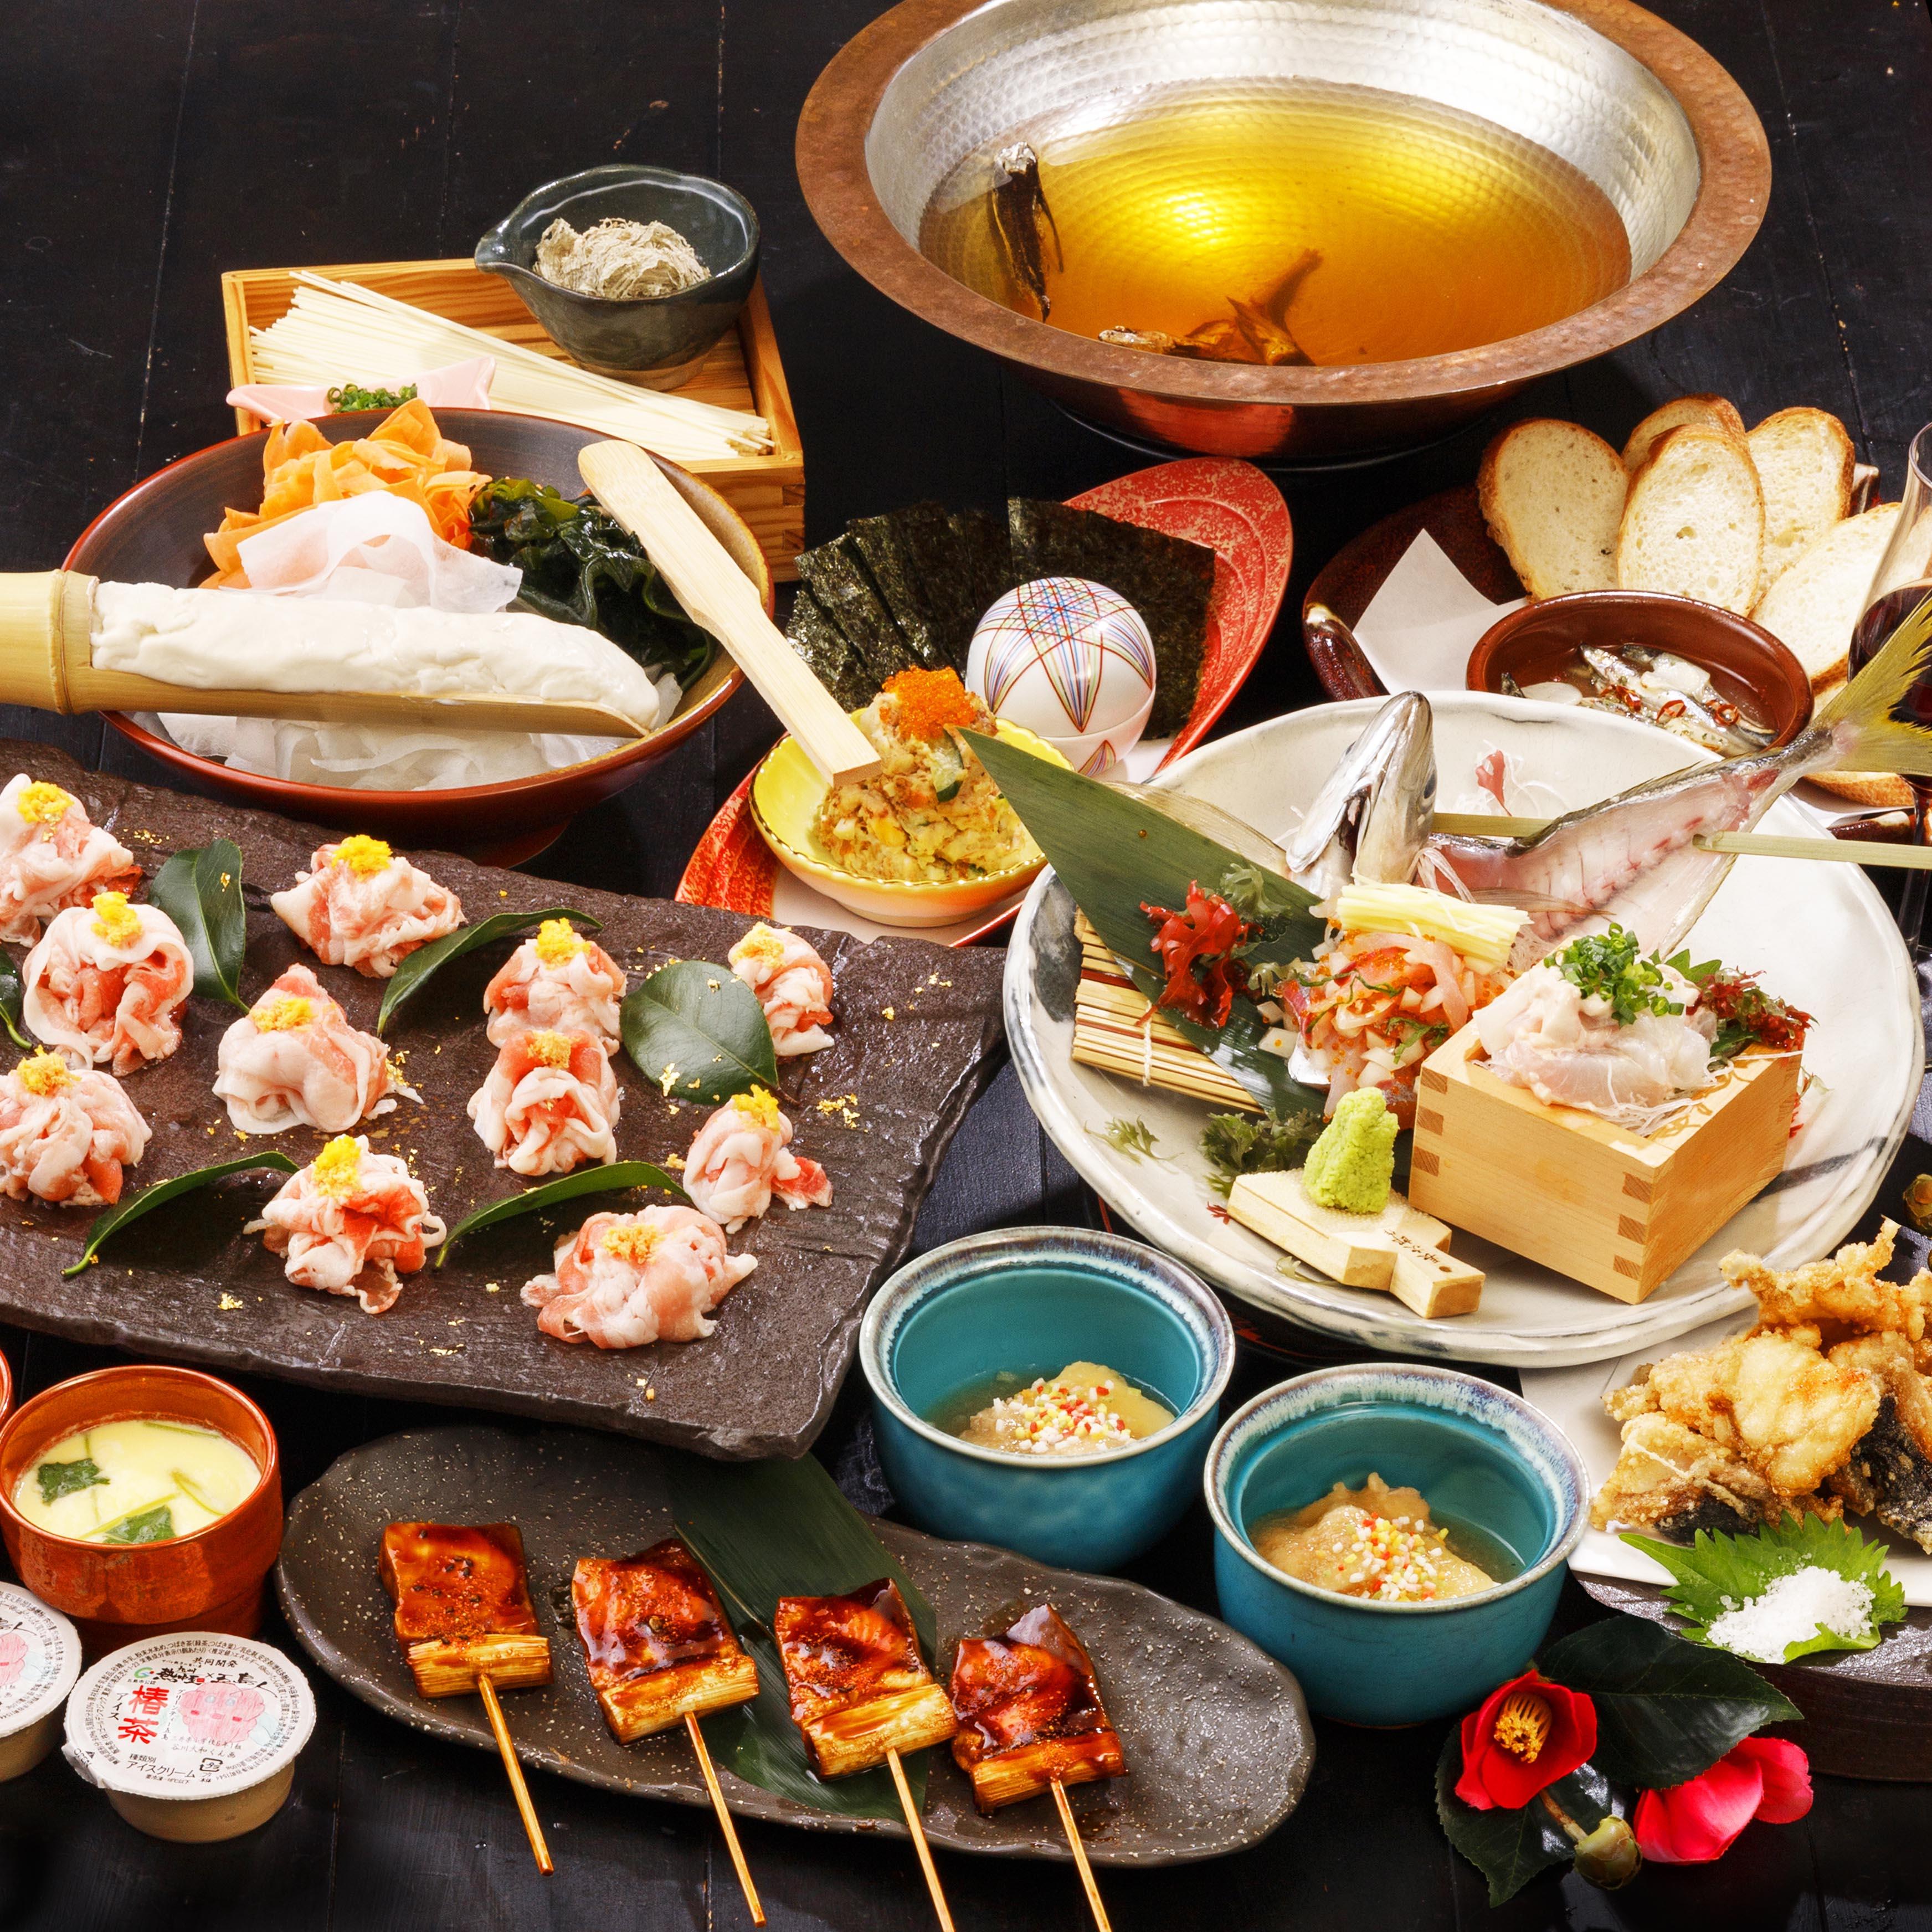 [2.5時間飲み放題] 五島鮮魚と選べるメイン4500円コース10品